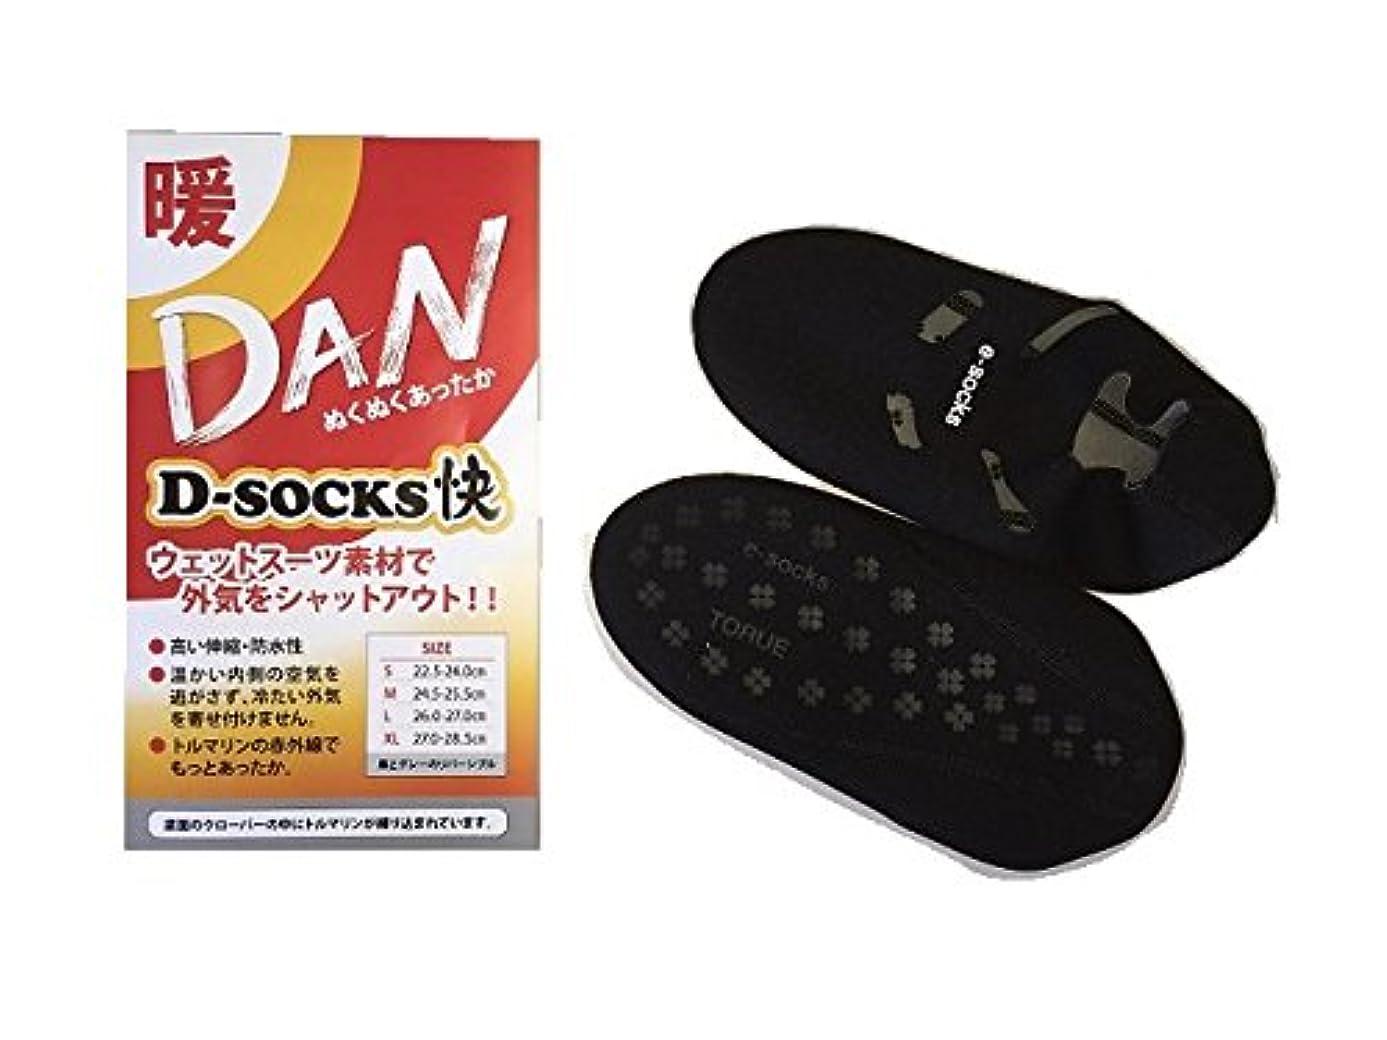 時制トリッキー単独でD-socks 快 (トルマリンソックス) (M 24.5-25.5cm)